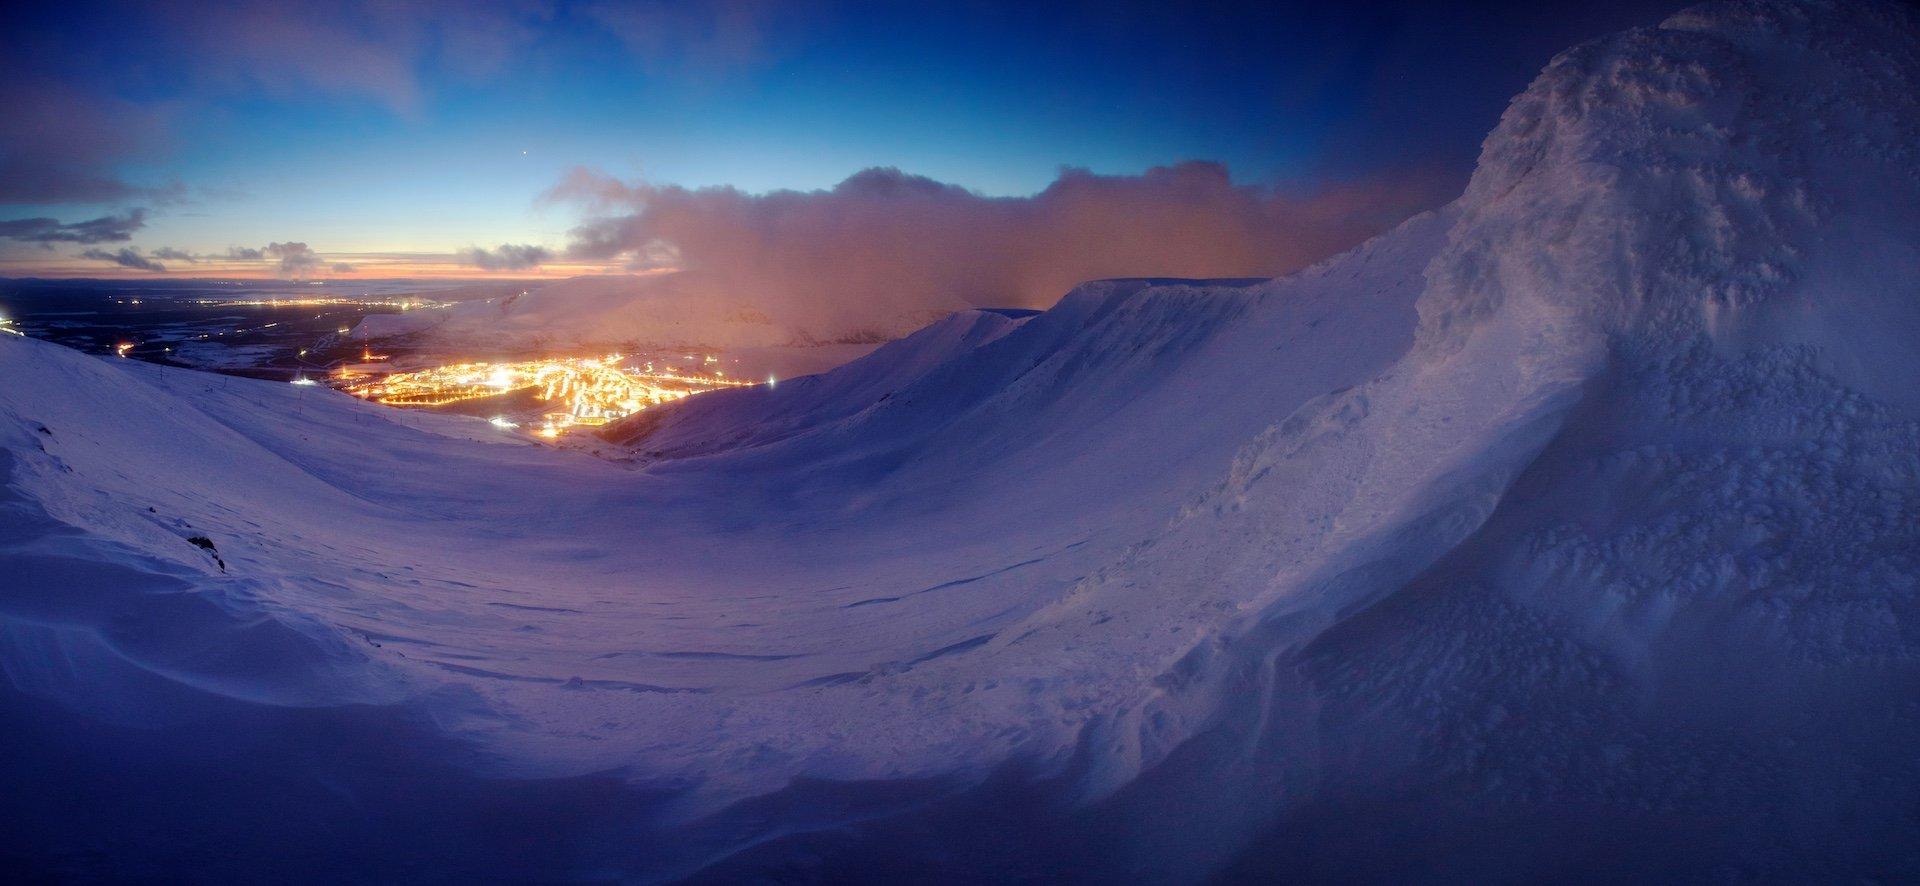 кольский полуостров, Хибины, Кировск, зима, снег, горы, Заполярье, Никифоров Егор